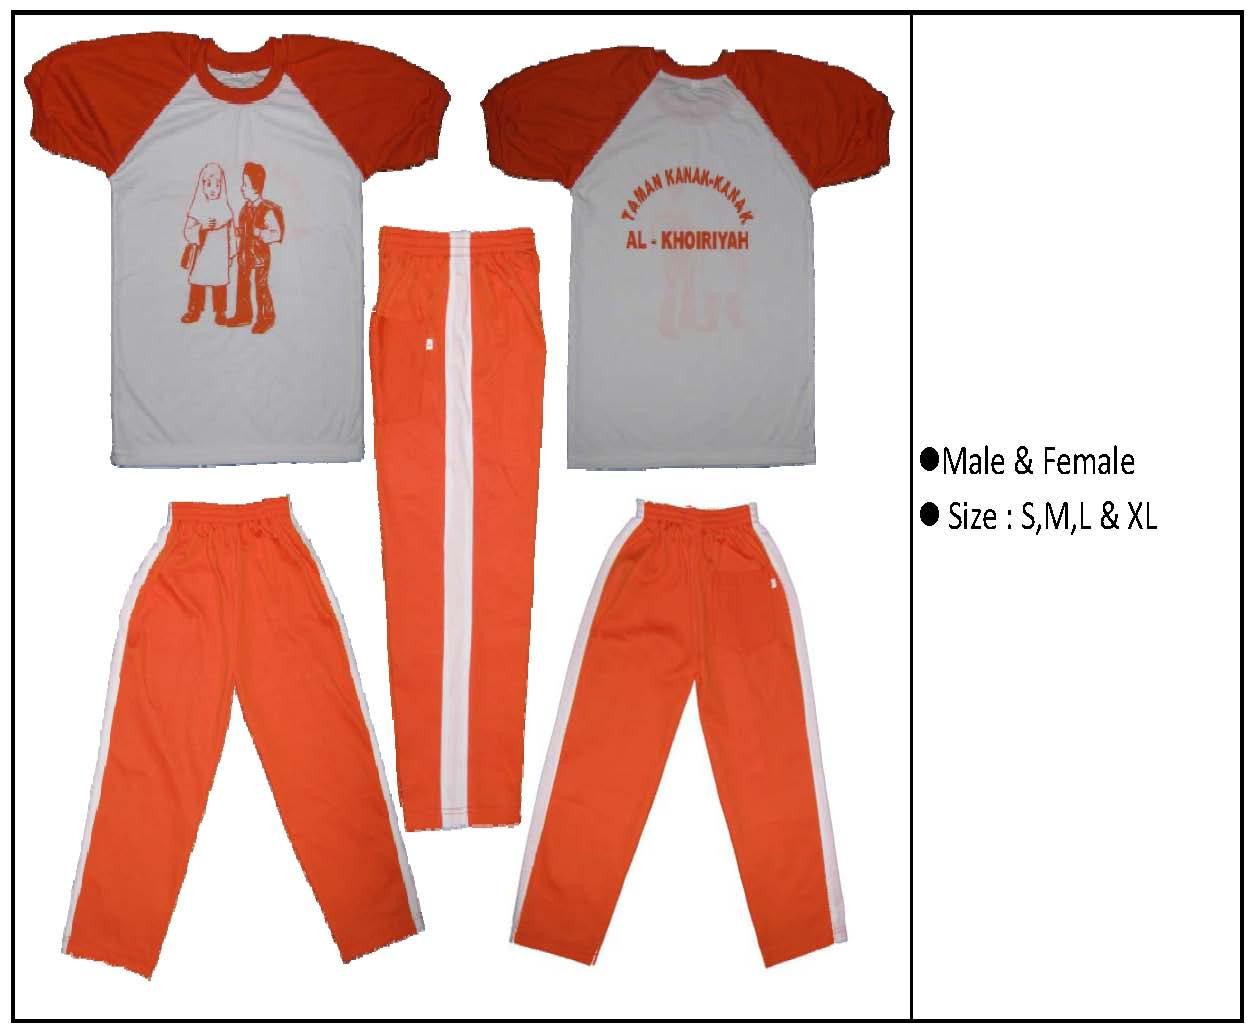 Desain Baju Olahraga Modern Desain Baju Olahraga Modern